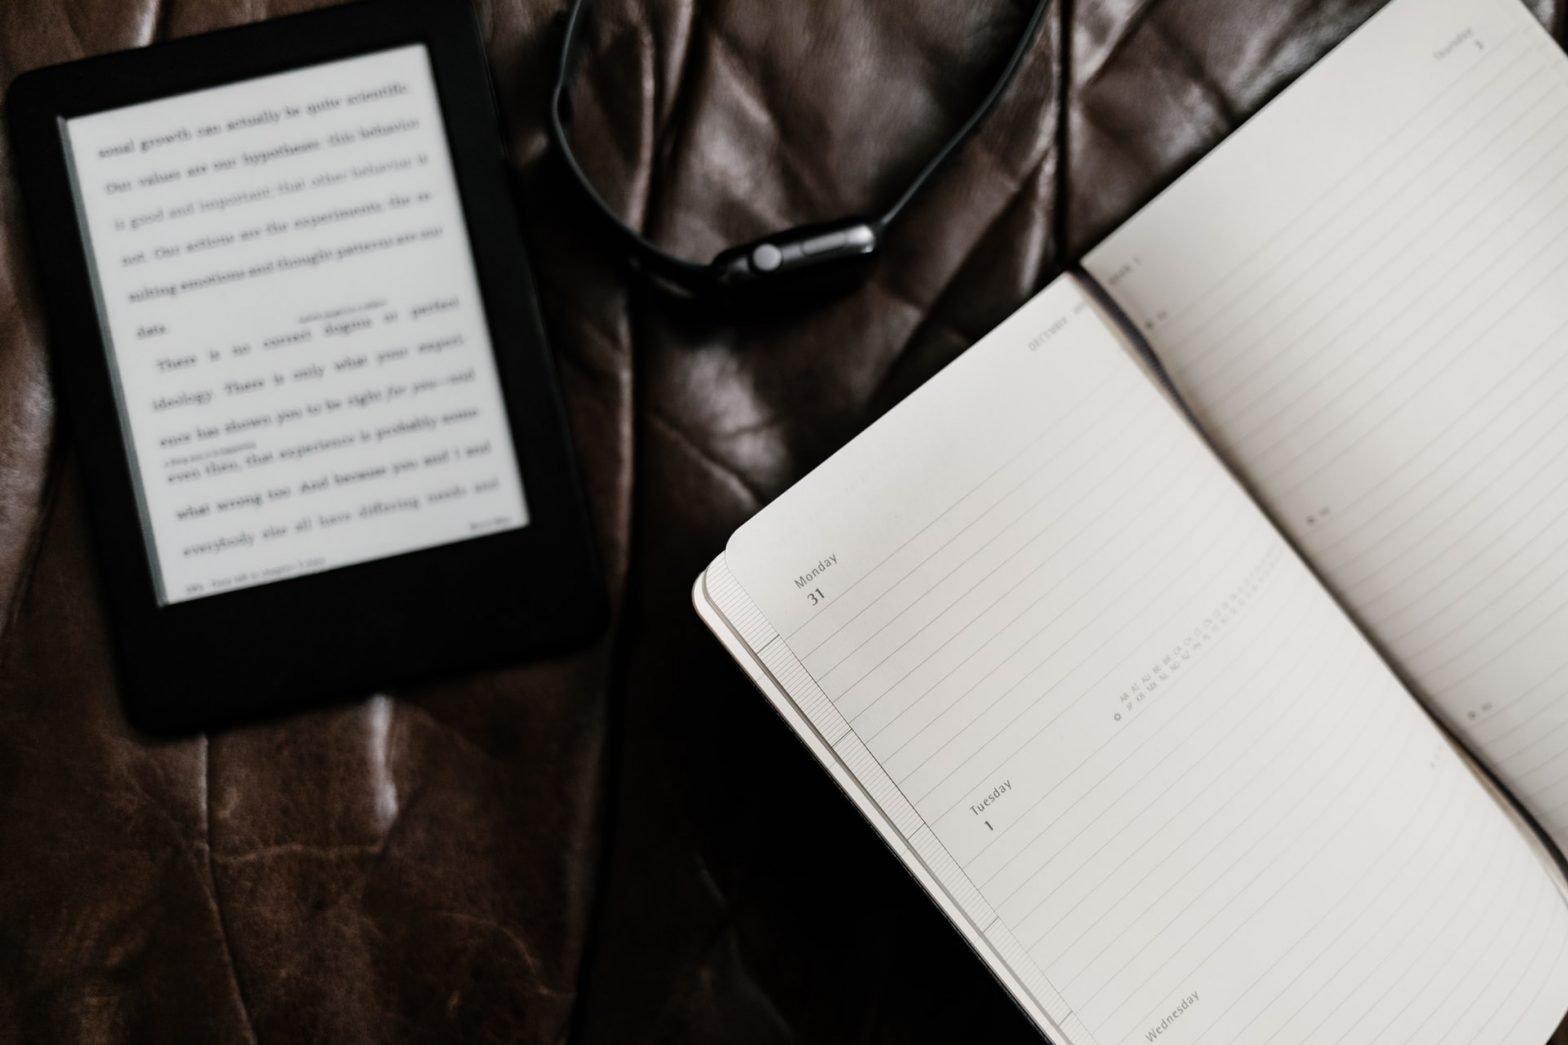 Agenda e kindle su scrivania